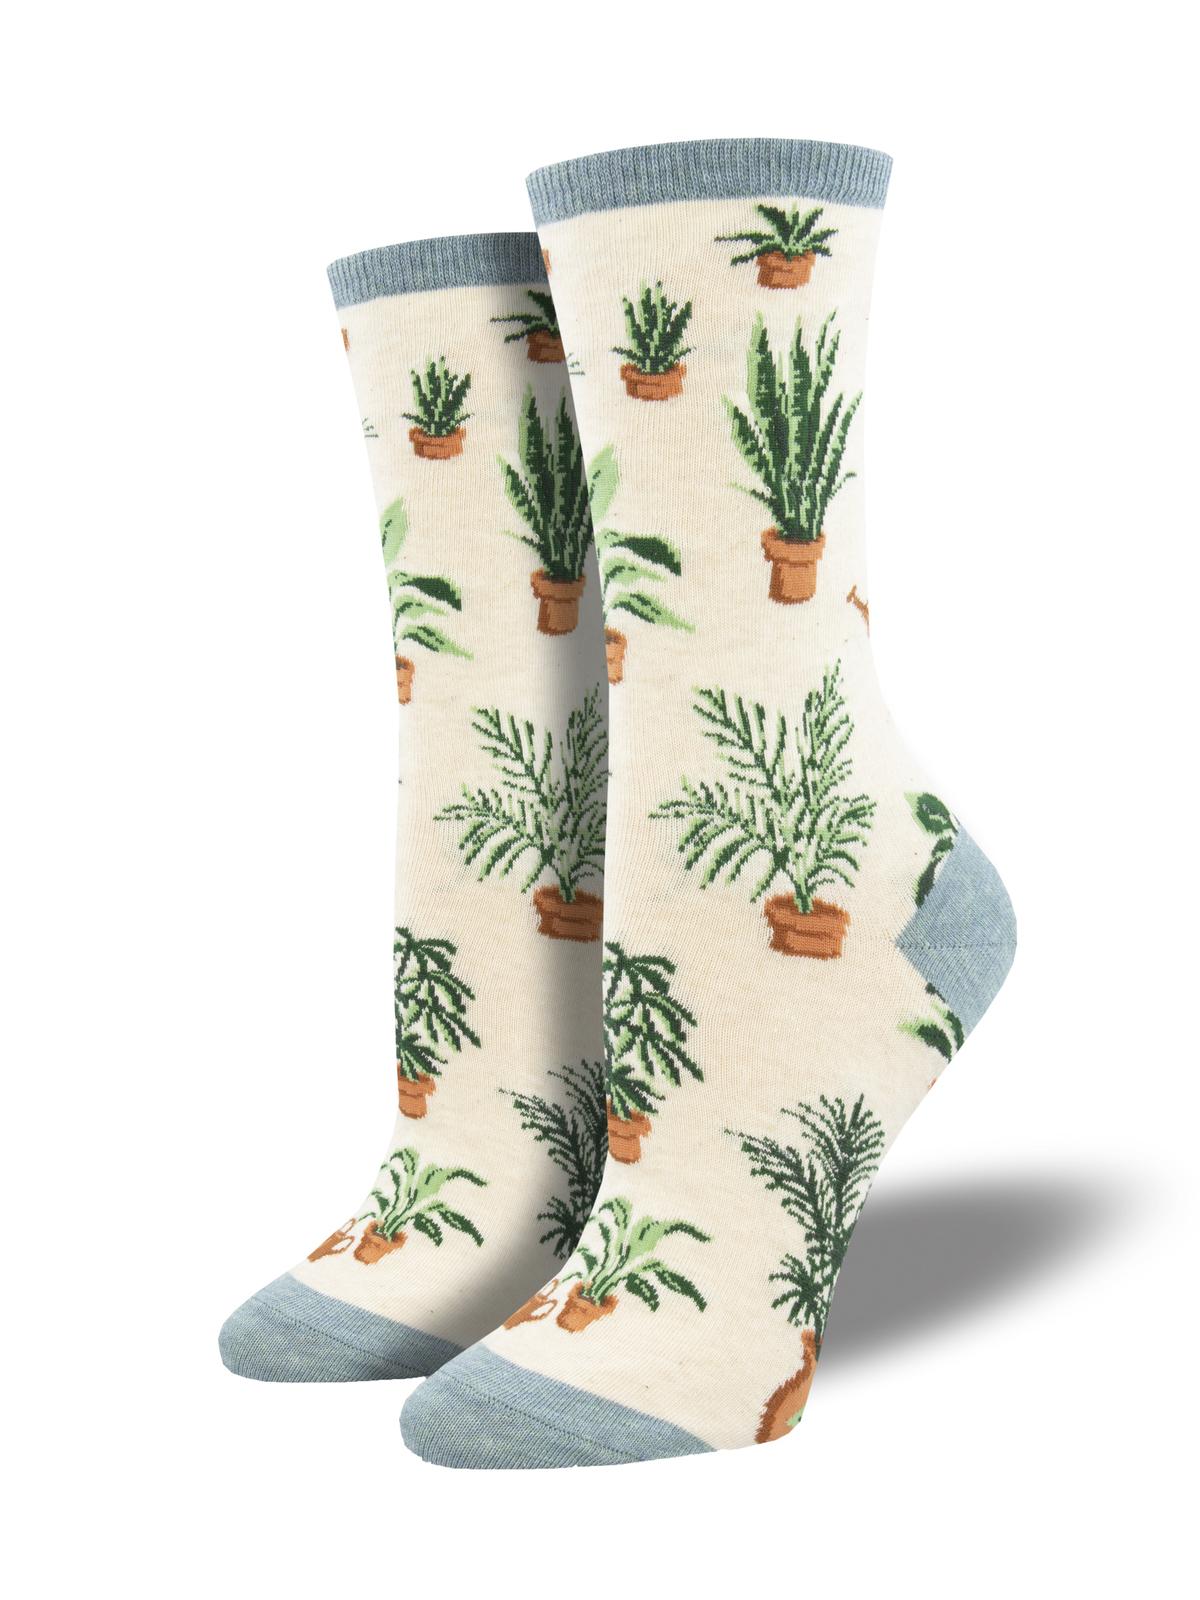 Homegrown Plants Socks Womens Osfa Ivory